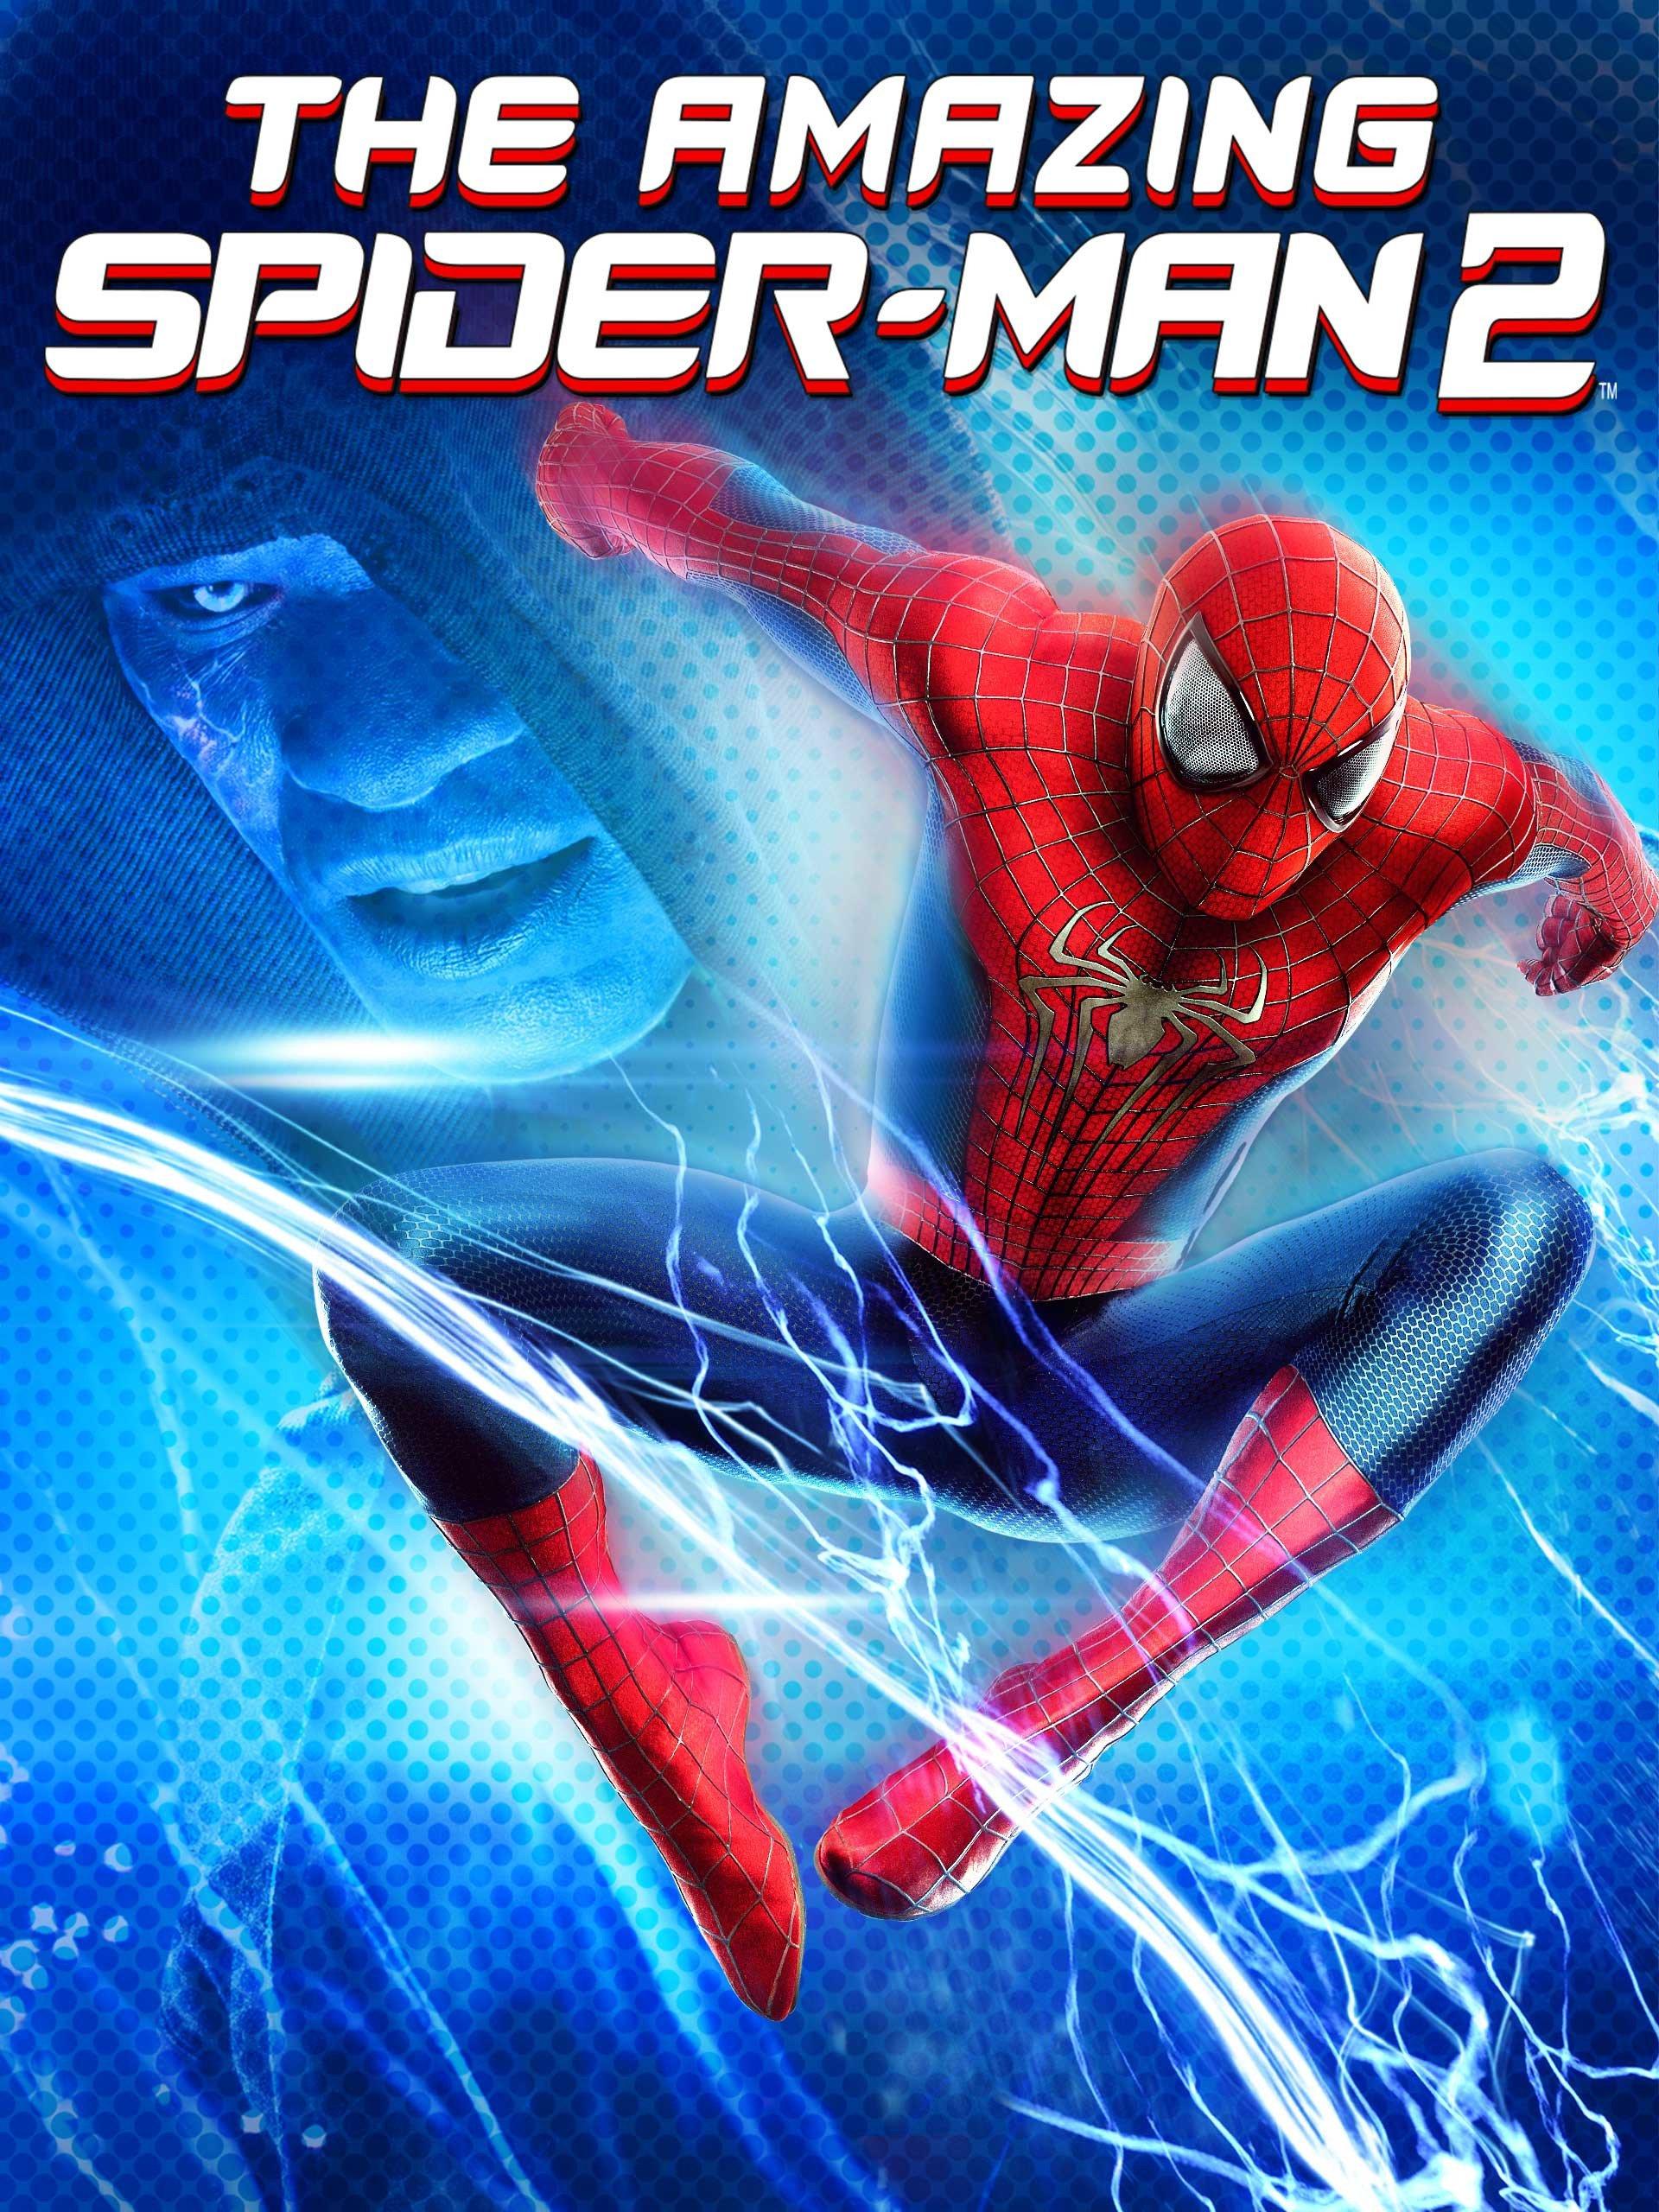 ApkRulez: The Amazing Spider-Man 2 v1.2.0m [Offline] APK